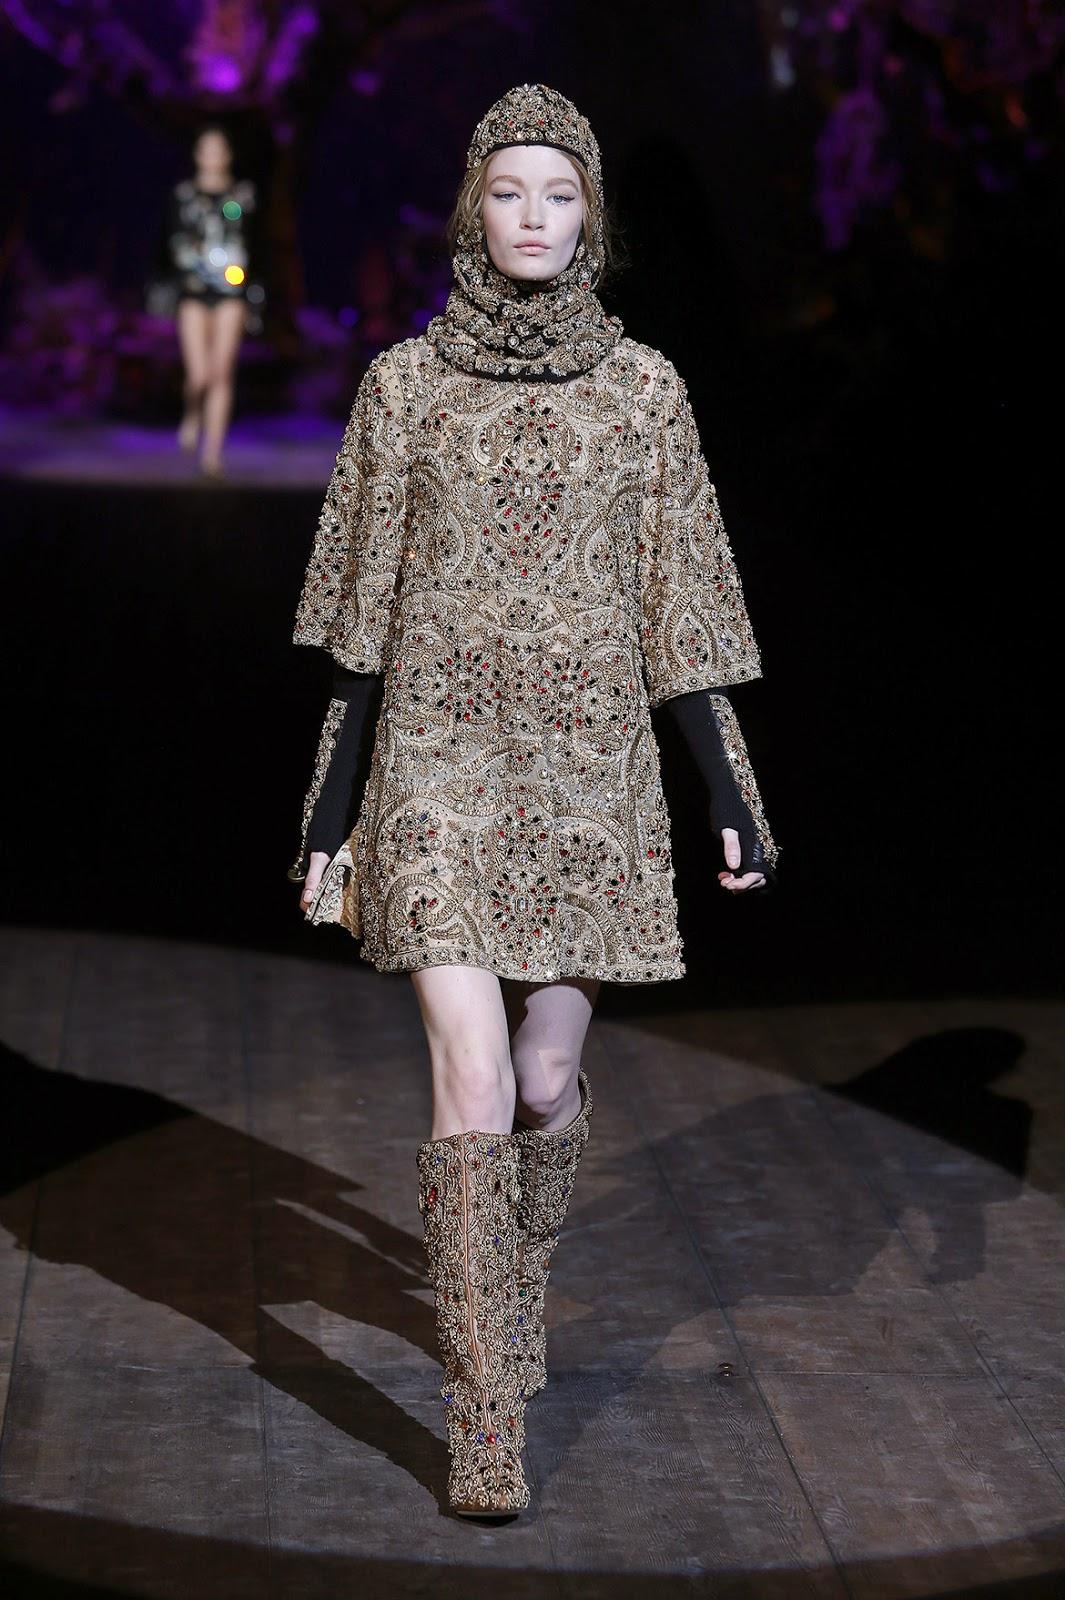 http://www.dolcegabbana.com/woman/Dolce&Gabbana colecção outono inverno 2014-2015 contos de fadas